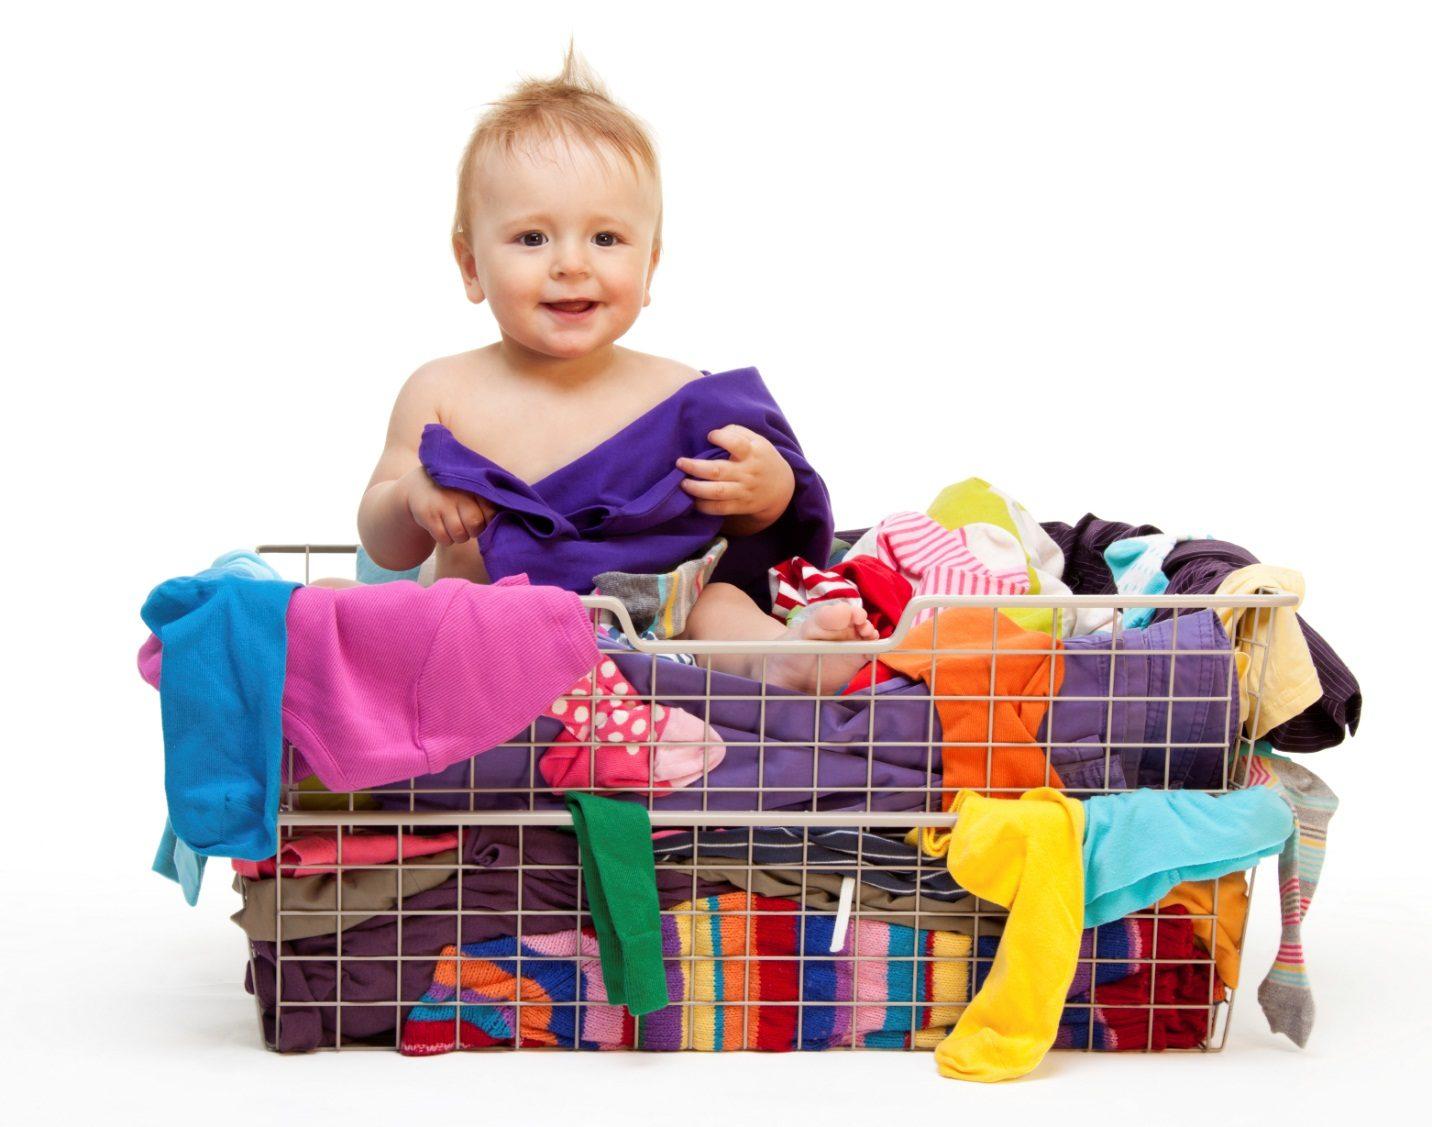 Ребенок вырос: что делать с ненужной детской одеждой?